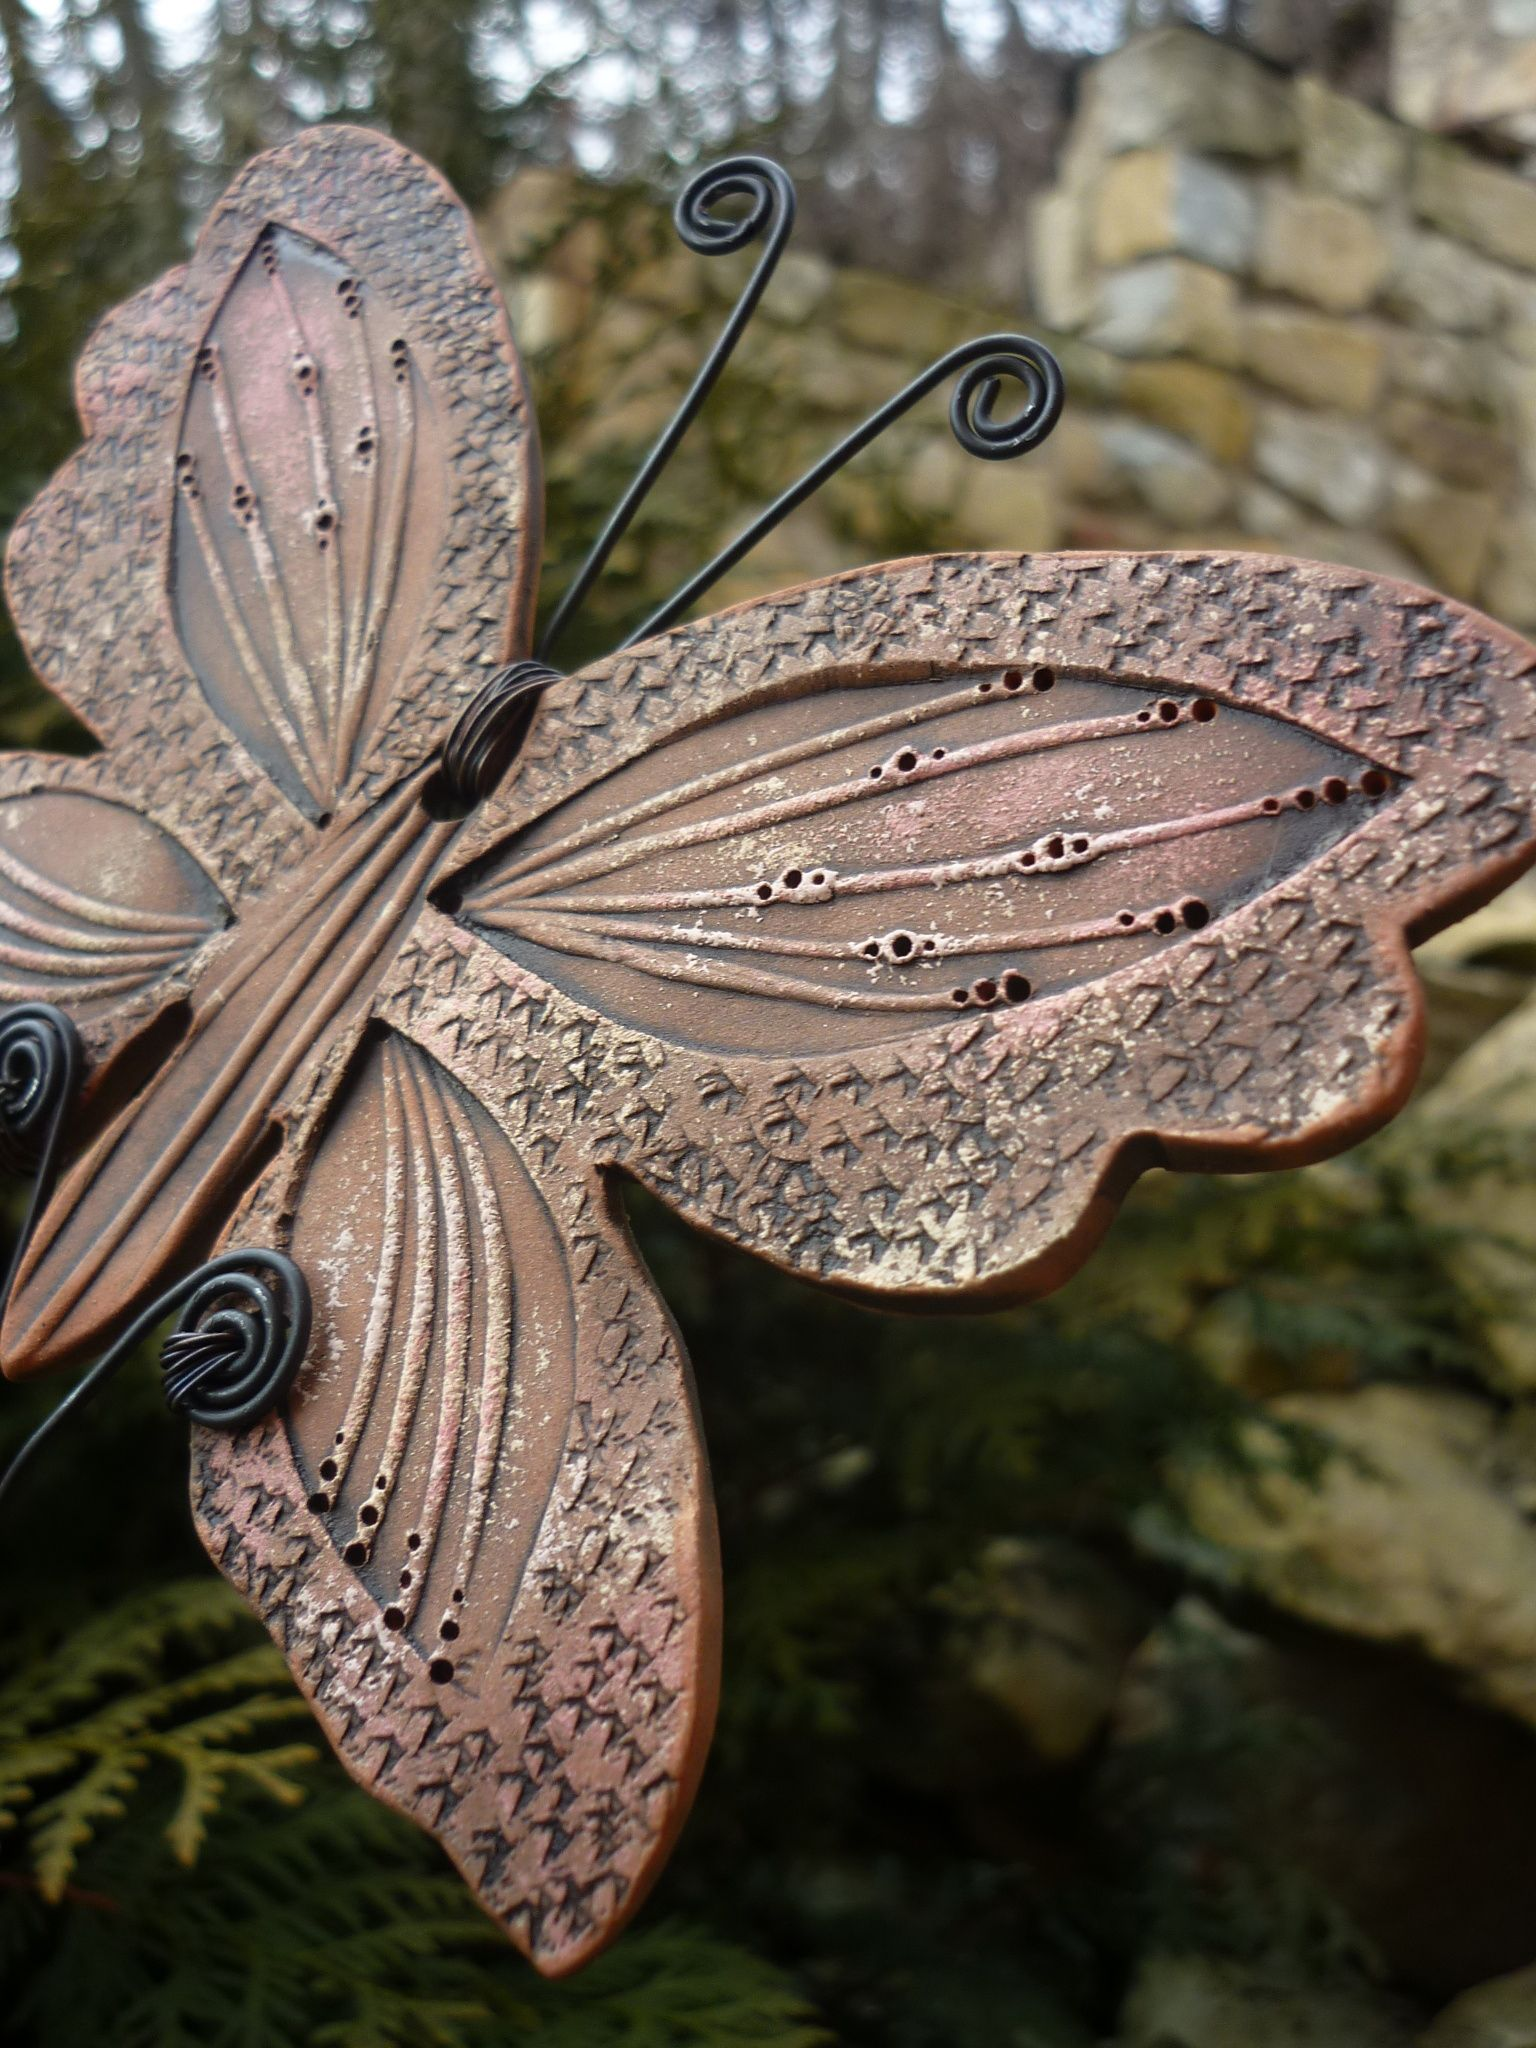 Motýl Keramická dekorace, keramický motýl, keramický zápich Motýl 9 x 13 cmvelký, celková délka zápichu je 38 cm